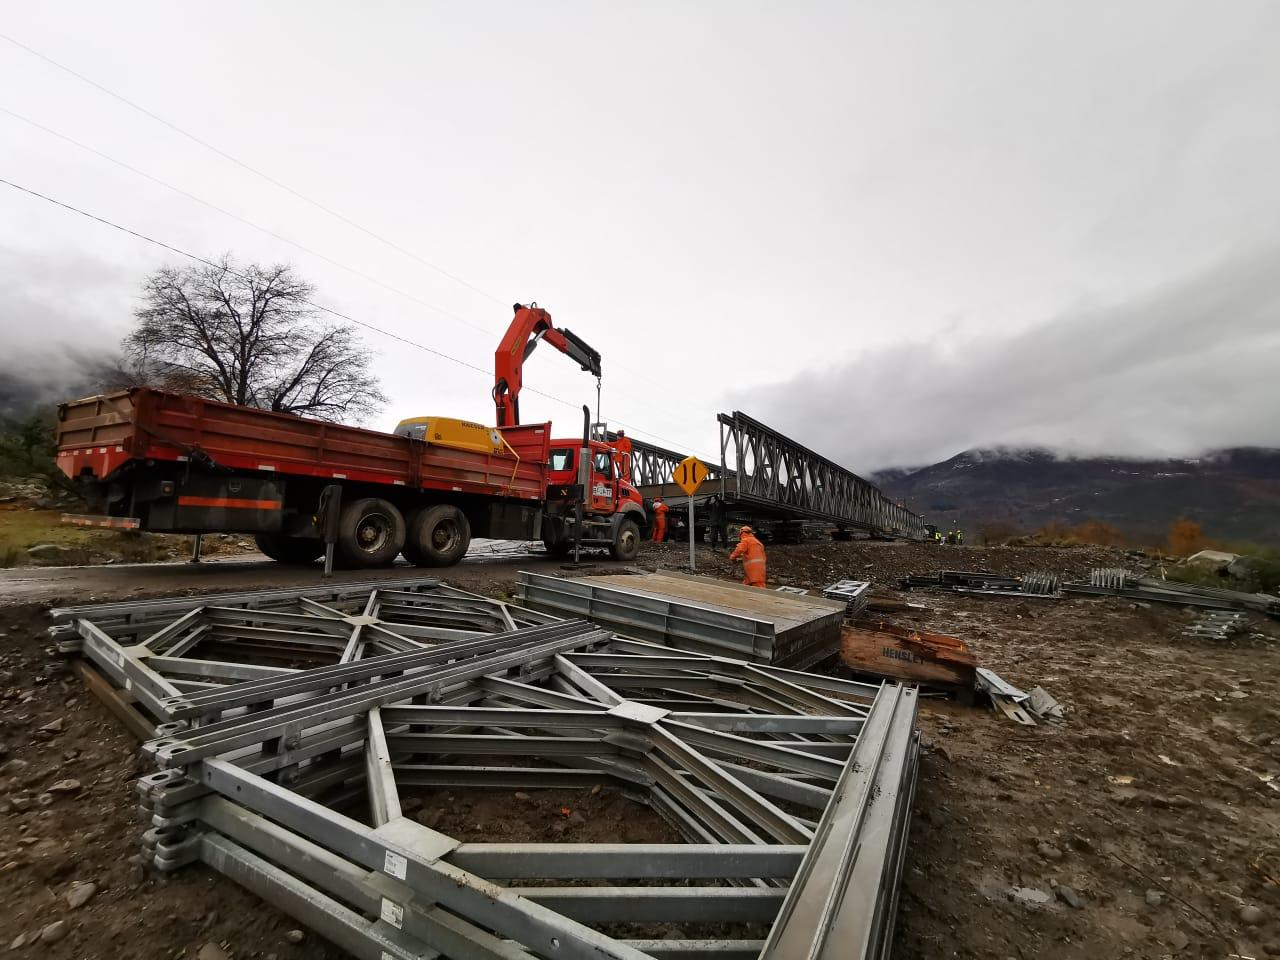 A fines de junio se entregará el Puente Mecano en Alto Biobío